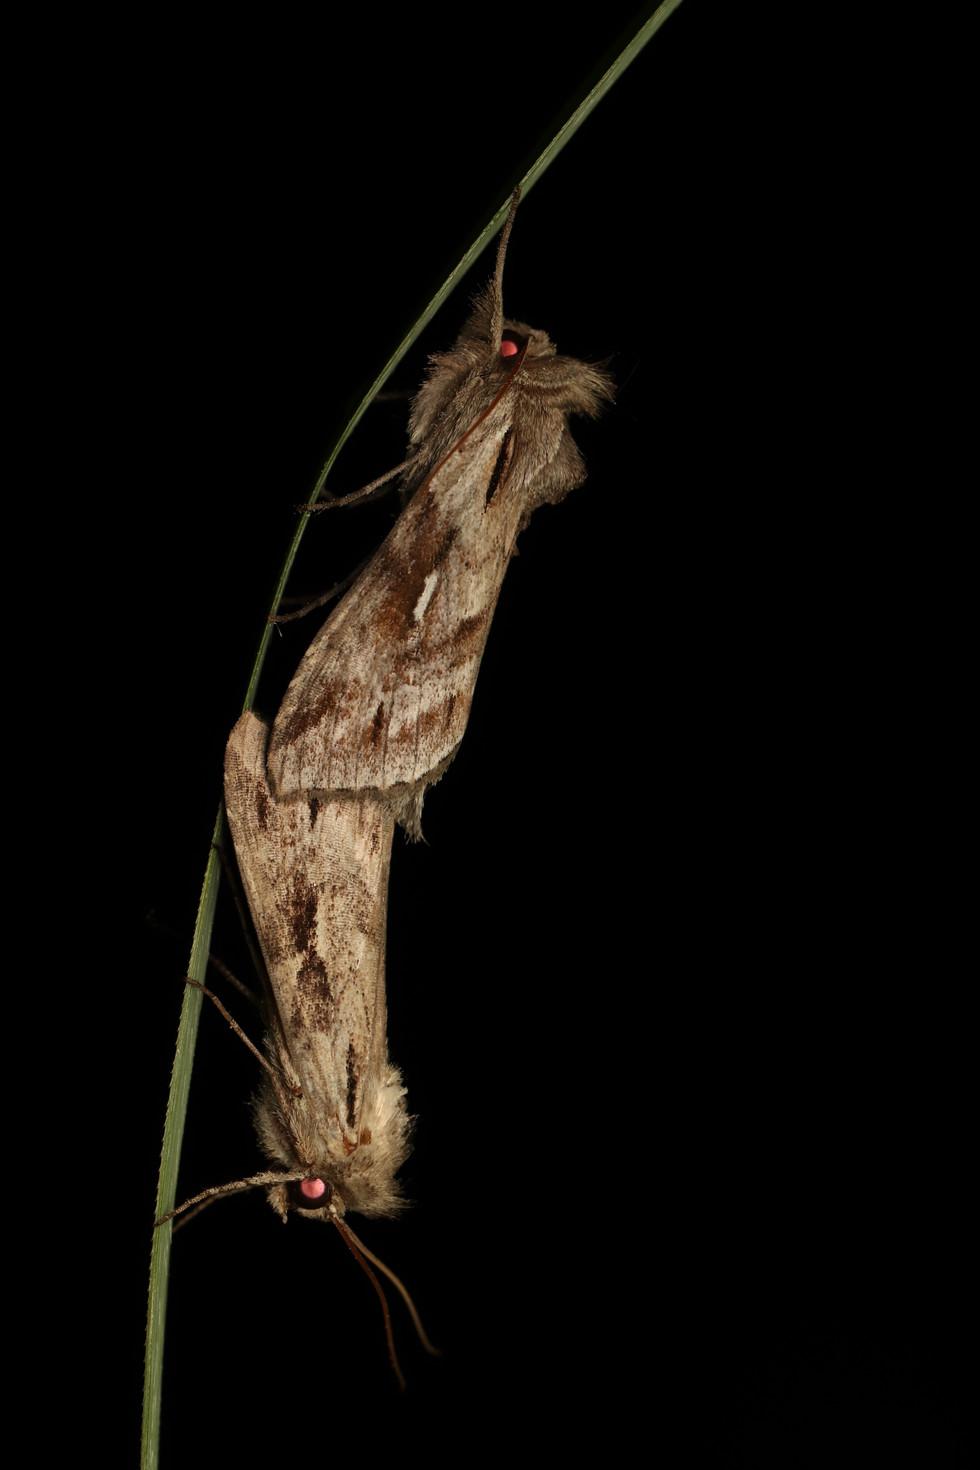 ダイセンセダカモクメ Cucullia mandschuriae